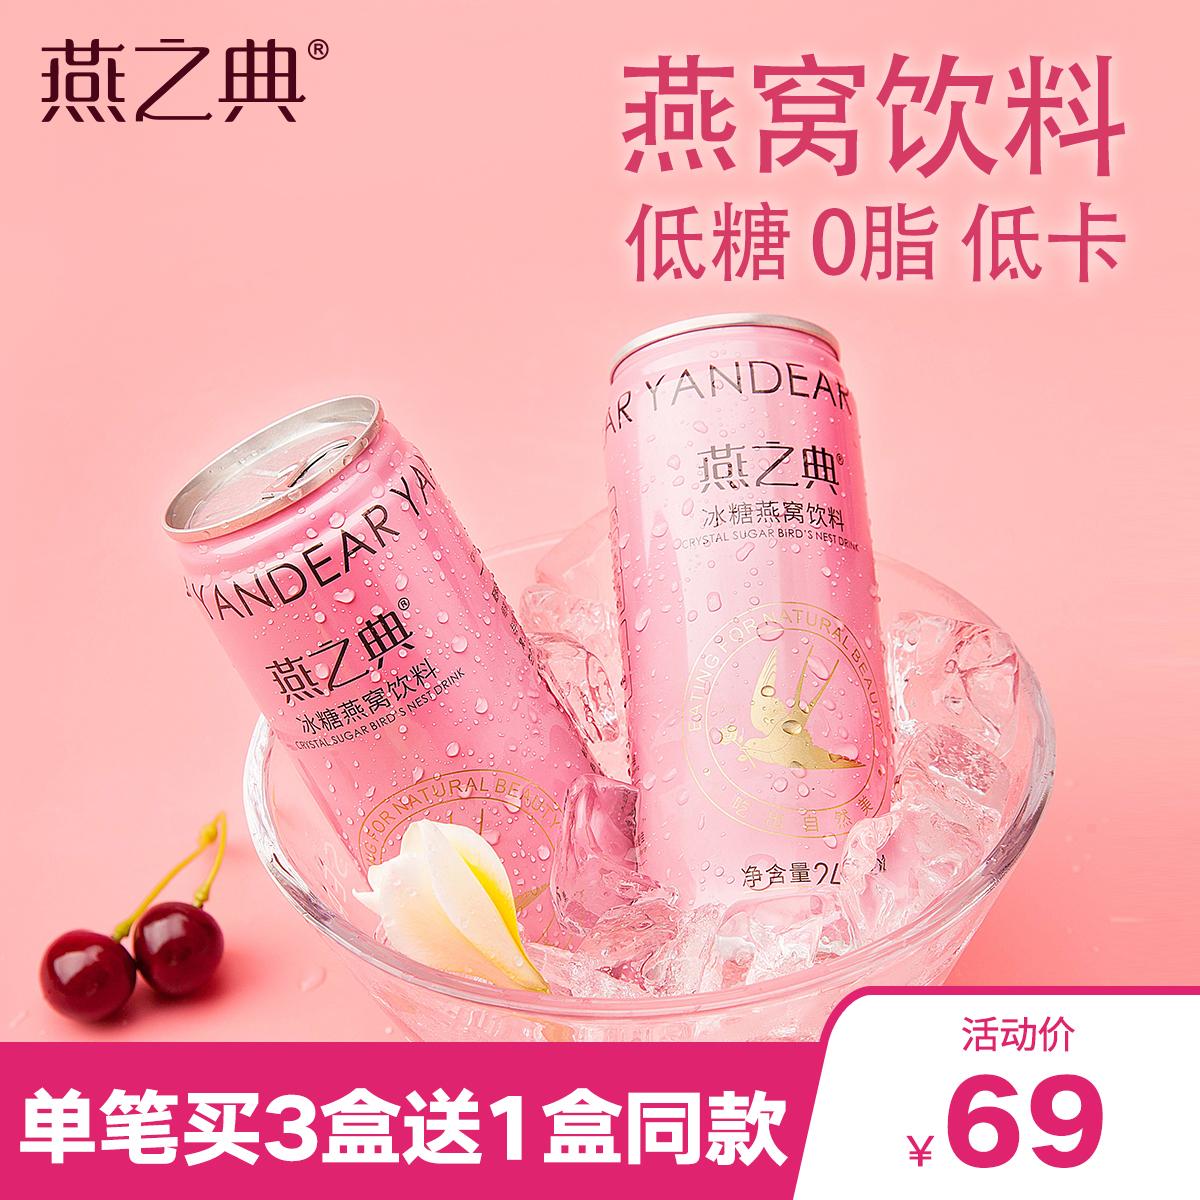 燕之典 燕窝红枣冰糖饮品即食燕窝正品功能网红饮料1盒6瓶优惠券